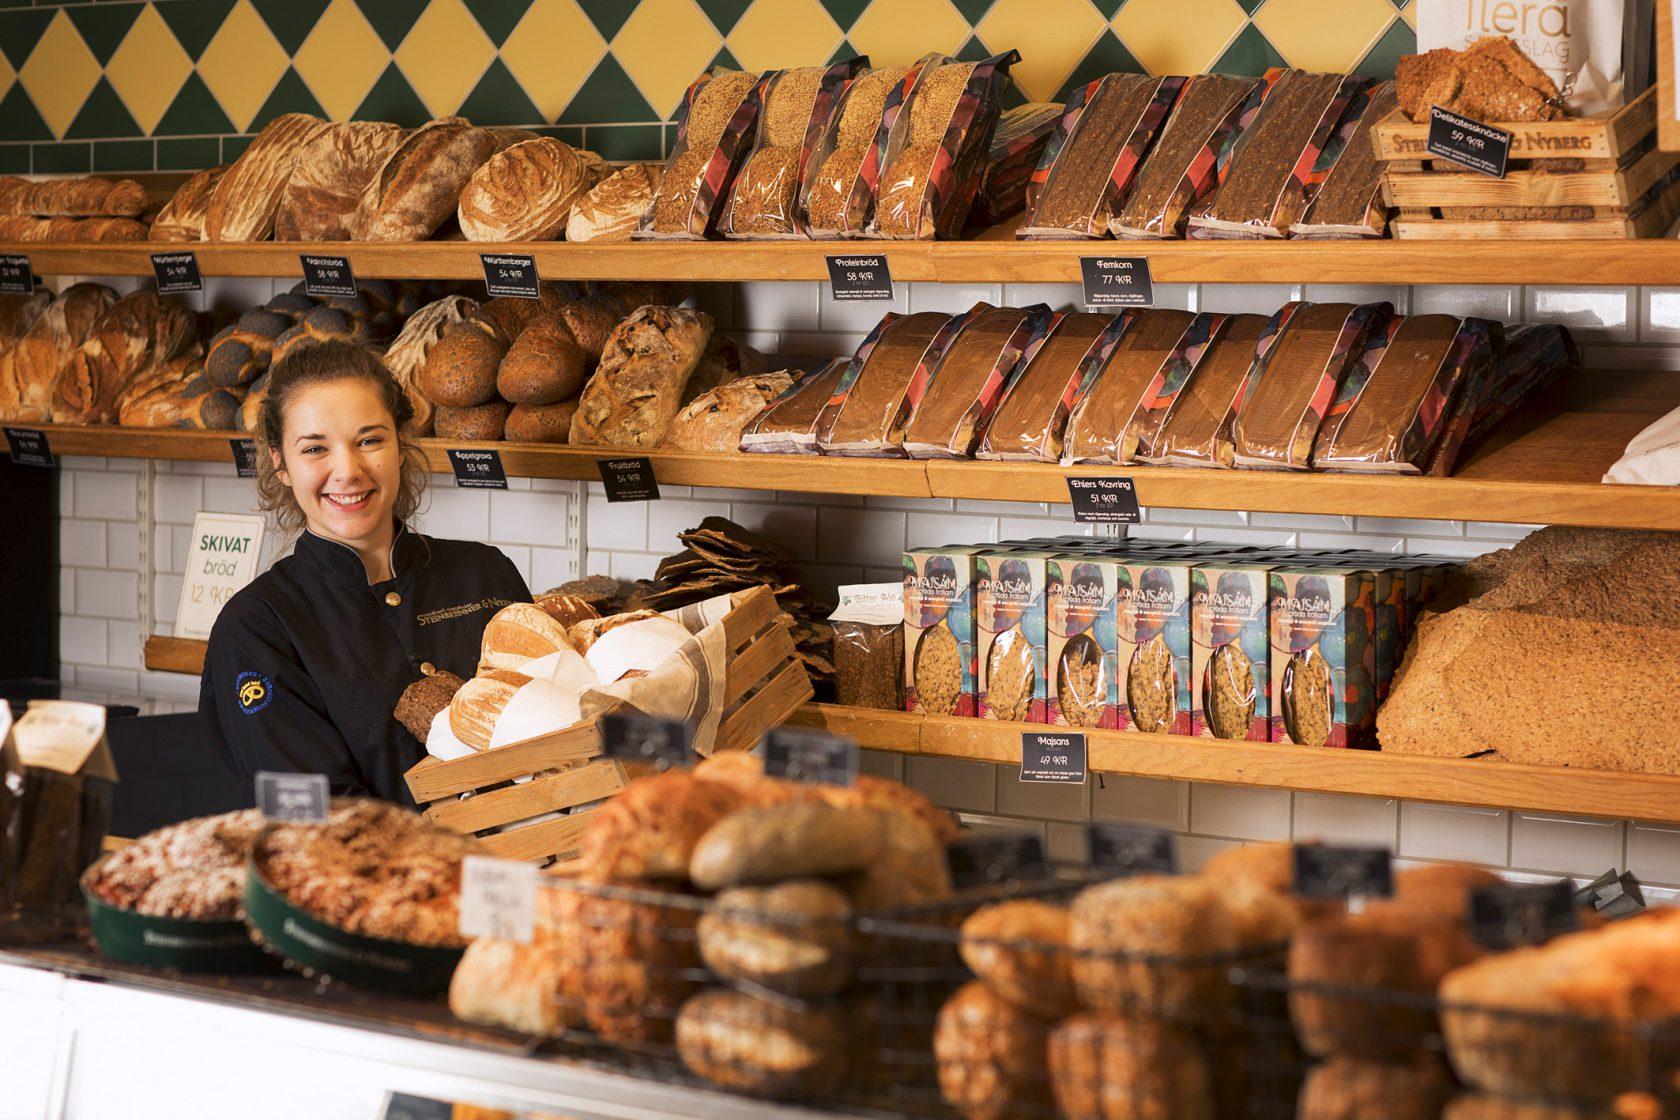 En leende kvinna står omgiven av bröd bakom en disk.